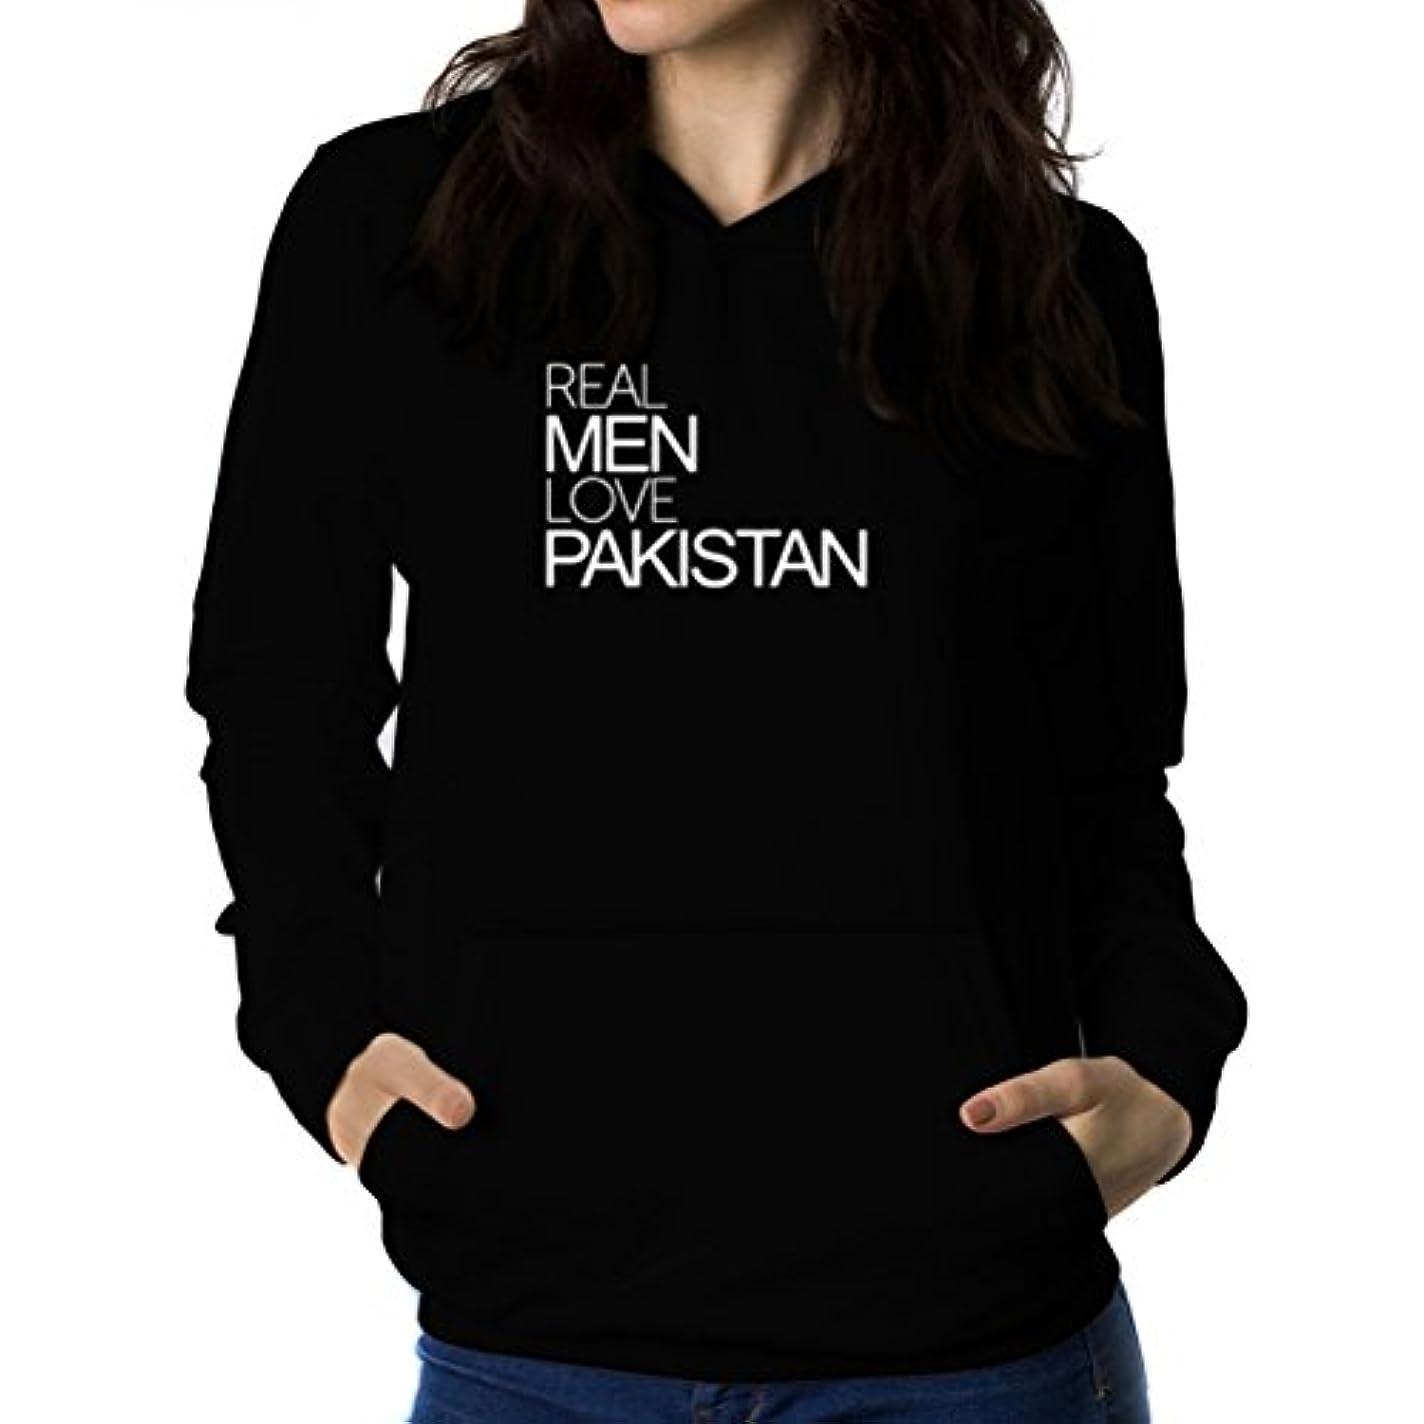 ファブリック結果として通路Real men love Pakistan 女性 フーディー